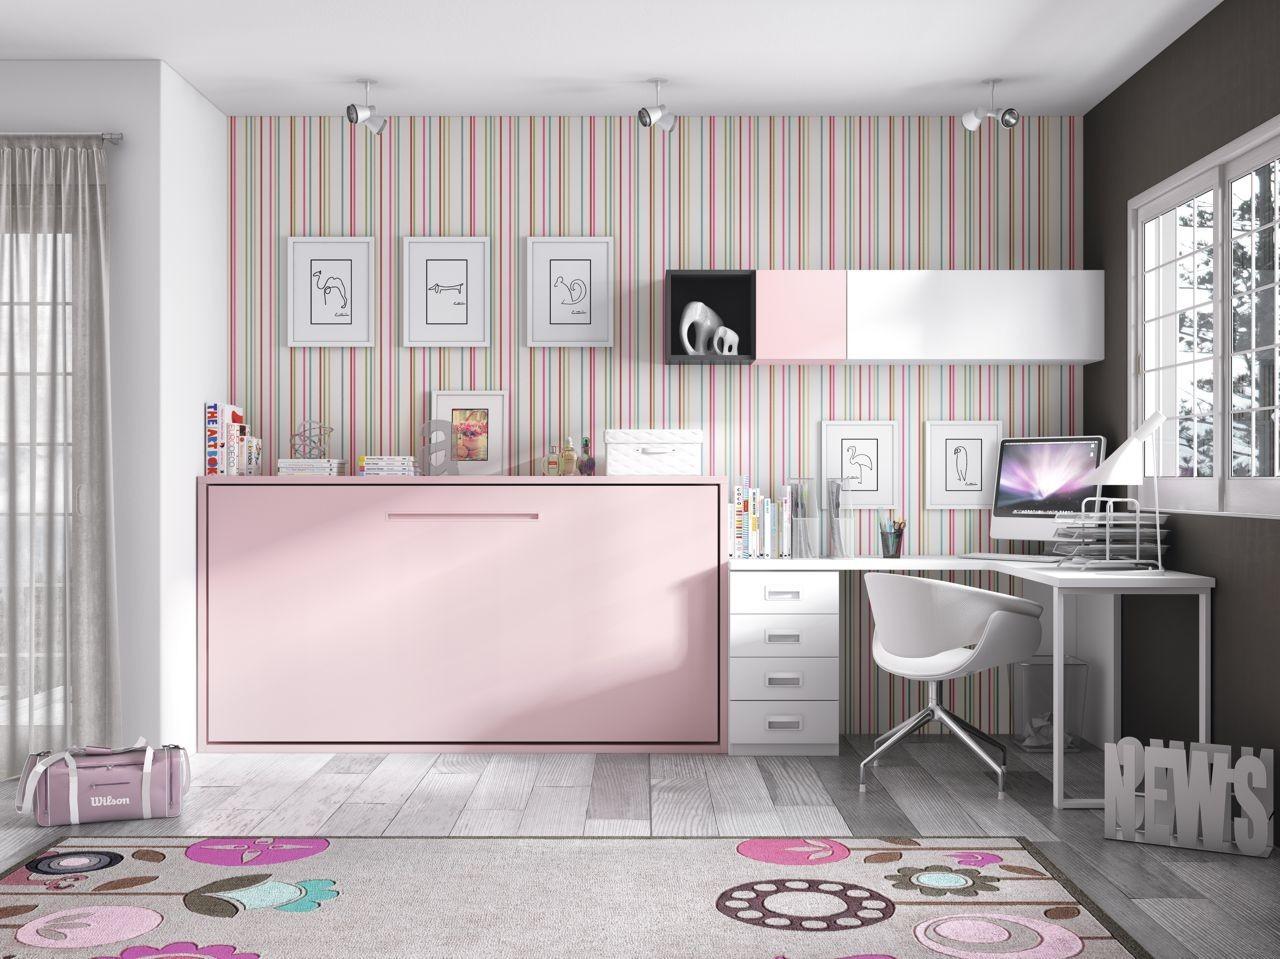 habitacin juvenil cama abatible blanco y rosa con tirador